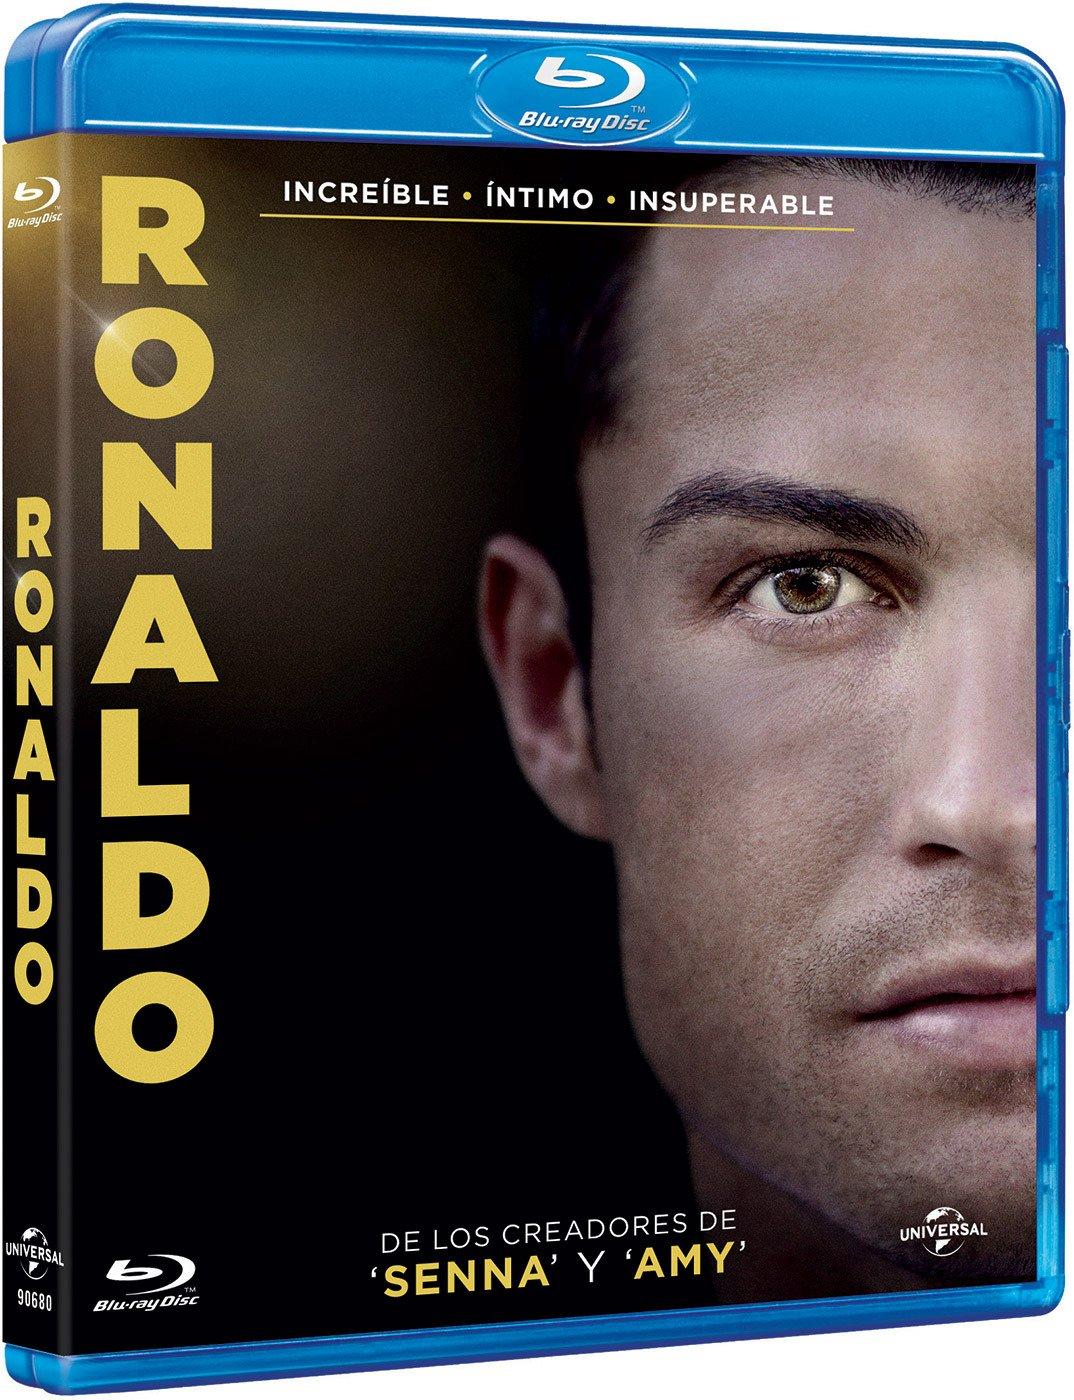 Ronaldo [Blu-ray]: Amazon.es: Cristiano Ronaldo, Anthony Wonke ...